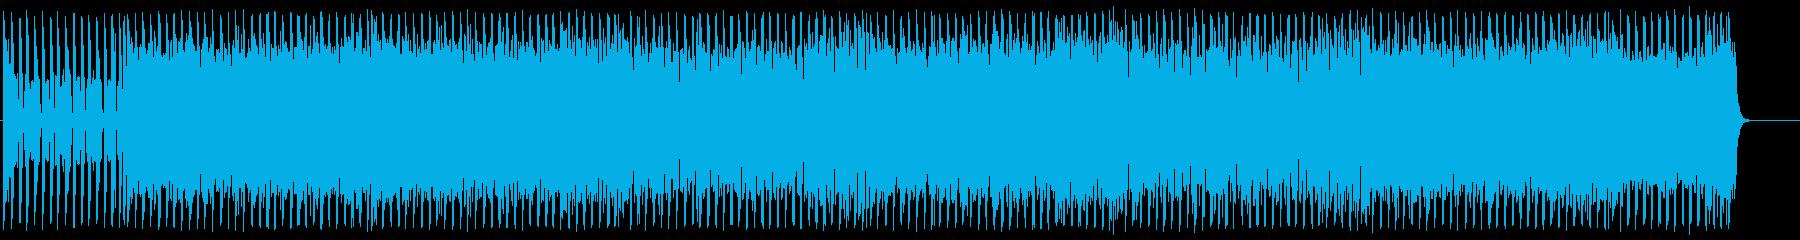 スピード感がある激しいテクノポップの再生済みの波形